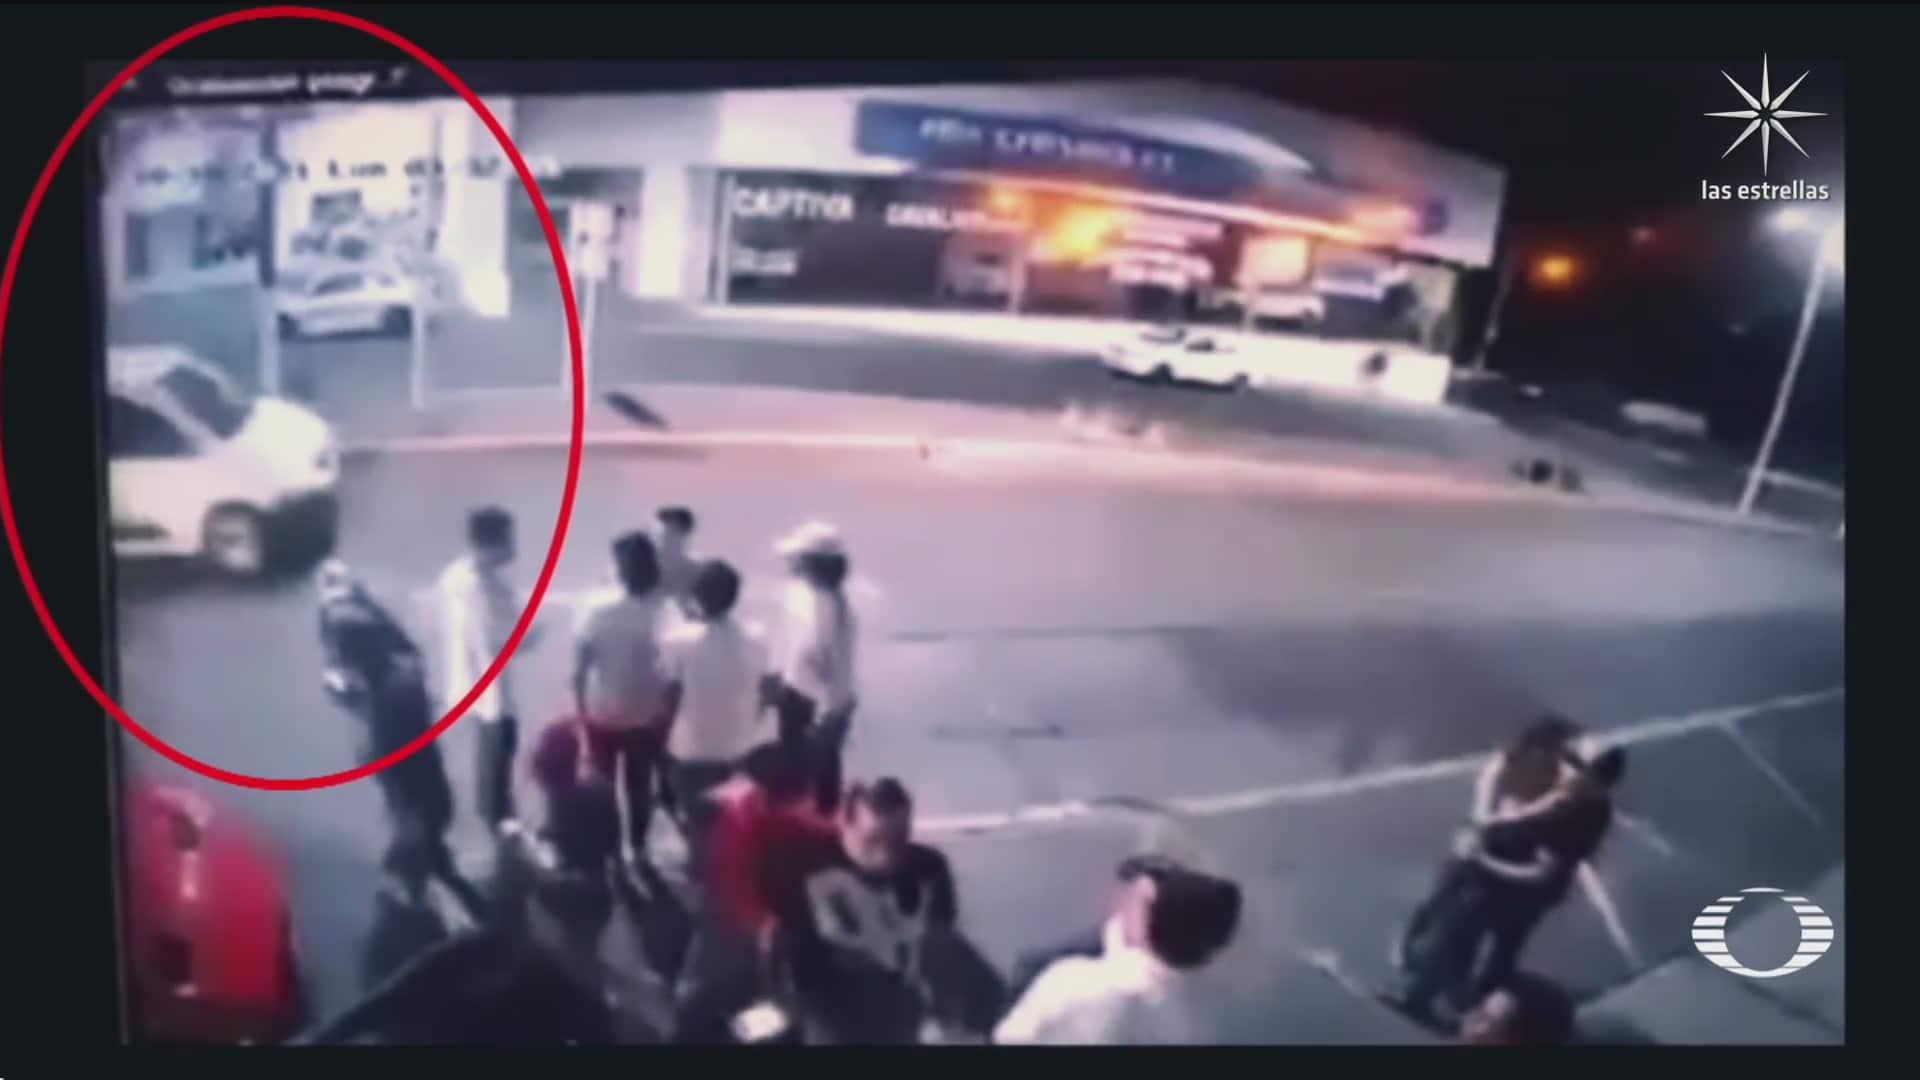 ajuste de cuentas principalmente linea de investigacion tras ataque a un bar en morelia michoacan